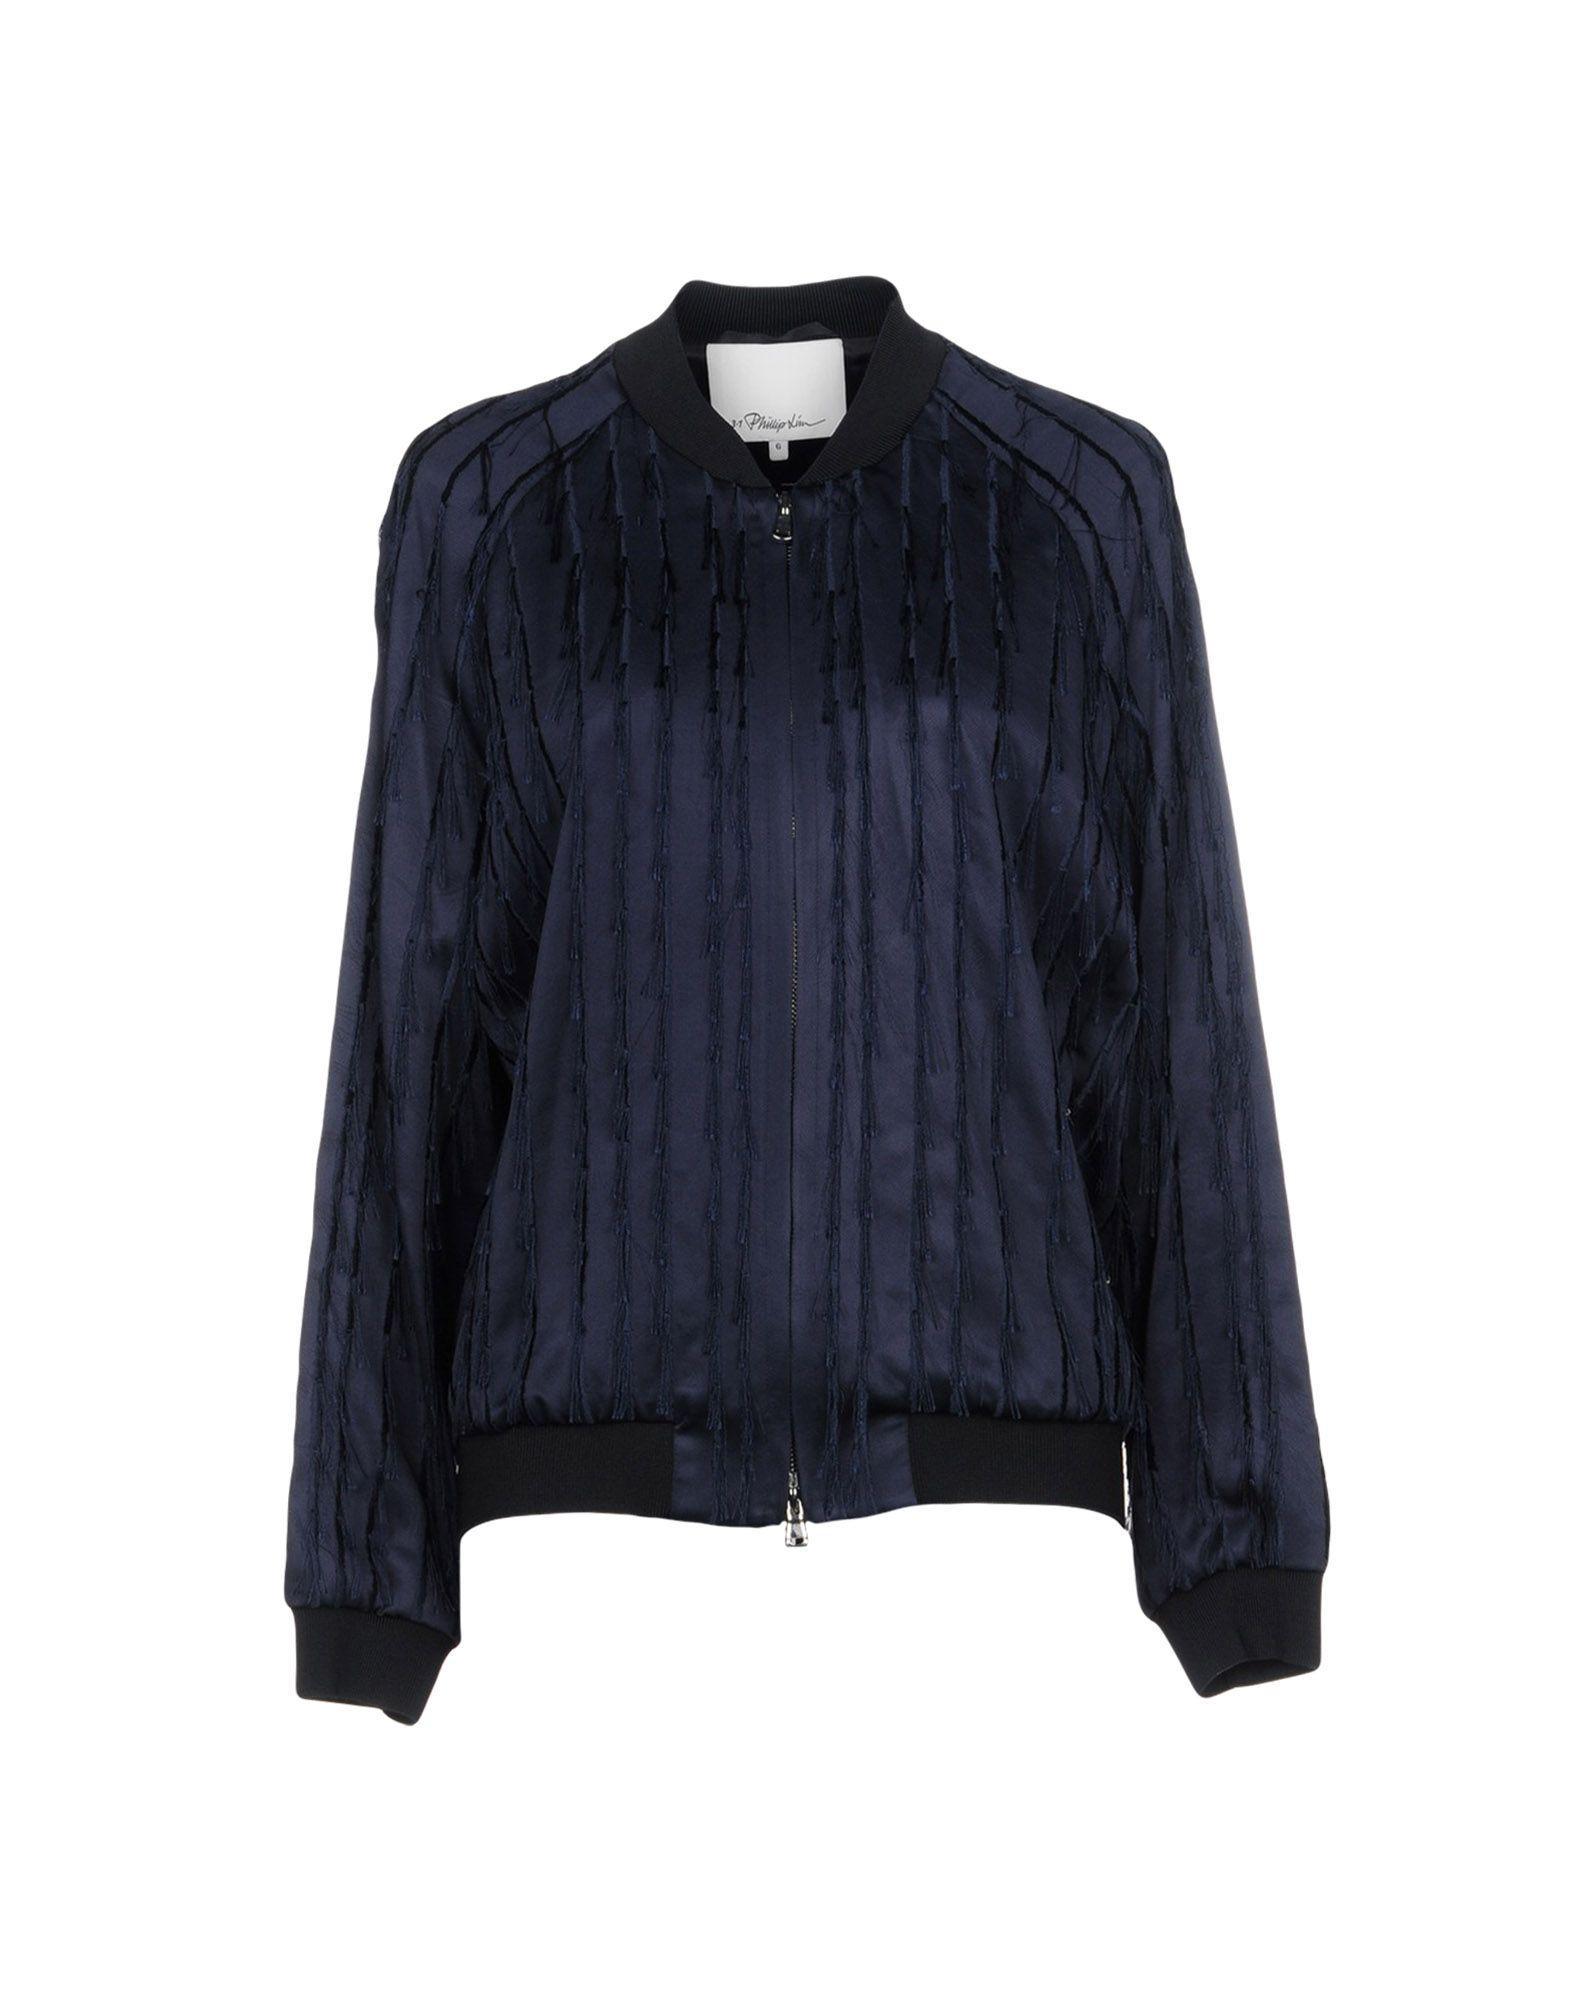 3.1 Phillip Lim Jacket In Dark Blue